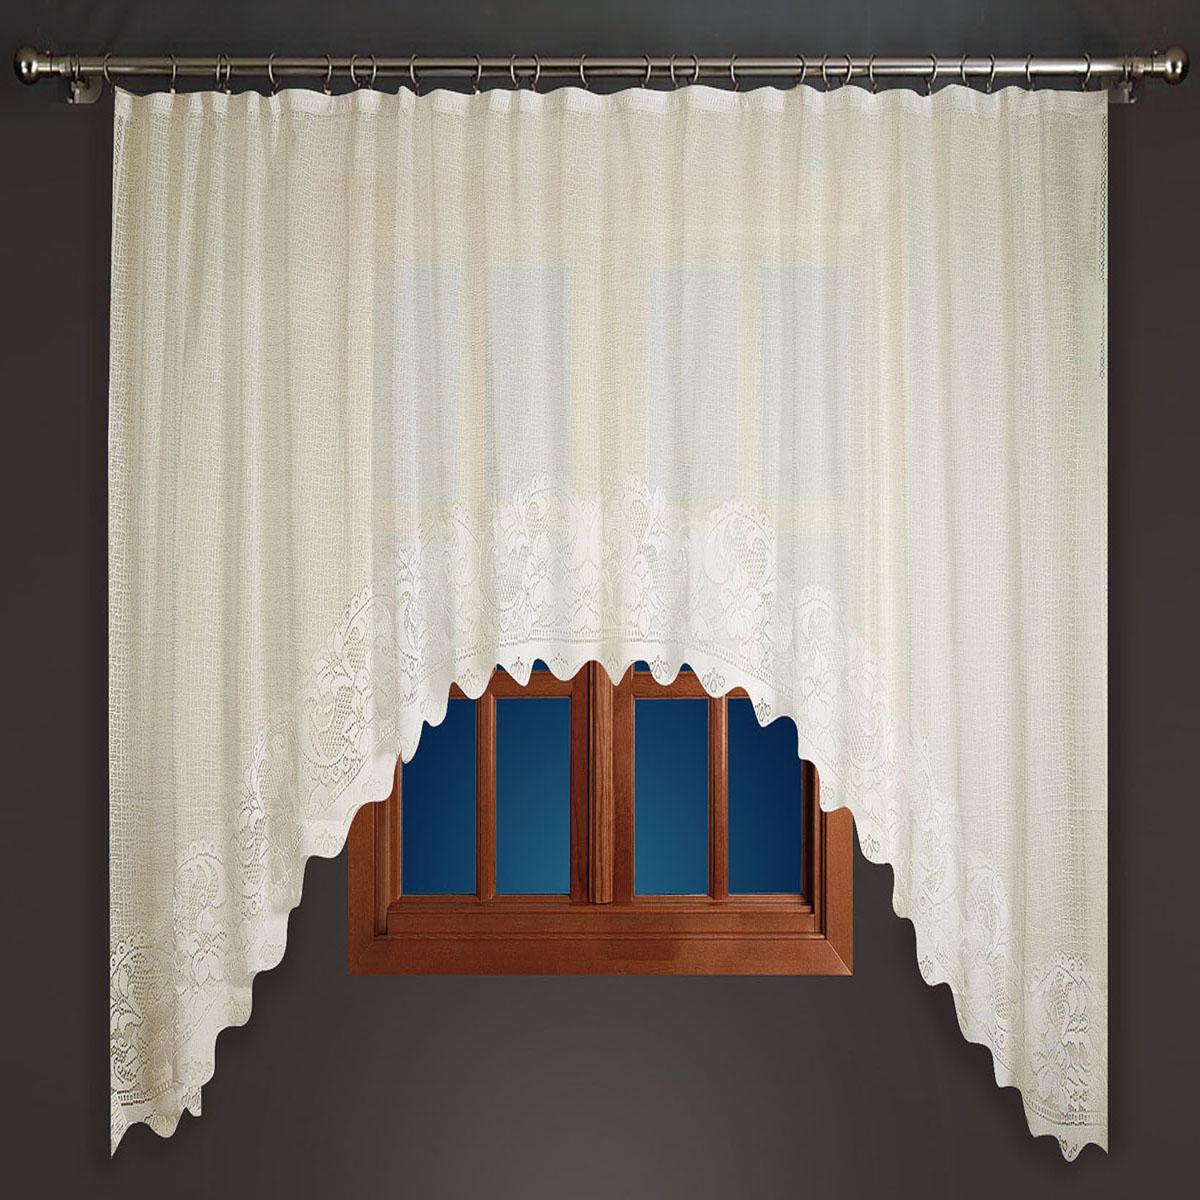 Гардина Zlata Korunka, цвет: бежевый, ширина 350 см, высота 180 см88865Гардина, выполнена из полиэфирных нитей кремового цвета, вызывающие приятные тактильные ощущения, высотой 180 см. Станет прекрасным украшением окна. Крепится на зажим для штор, который не входит в комплект. Гардина - шир.350 х выс.180 Размеры: 180*350